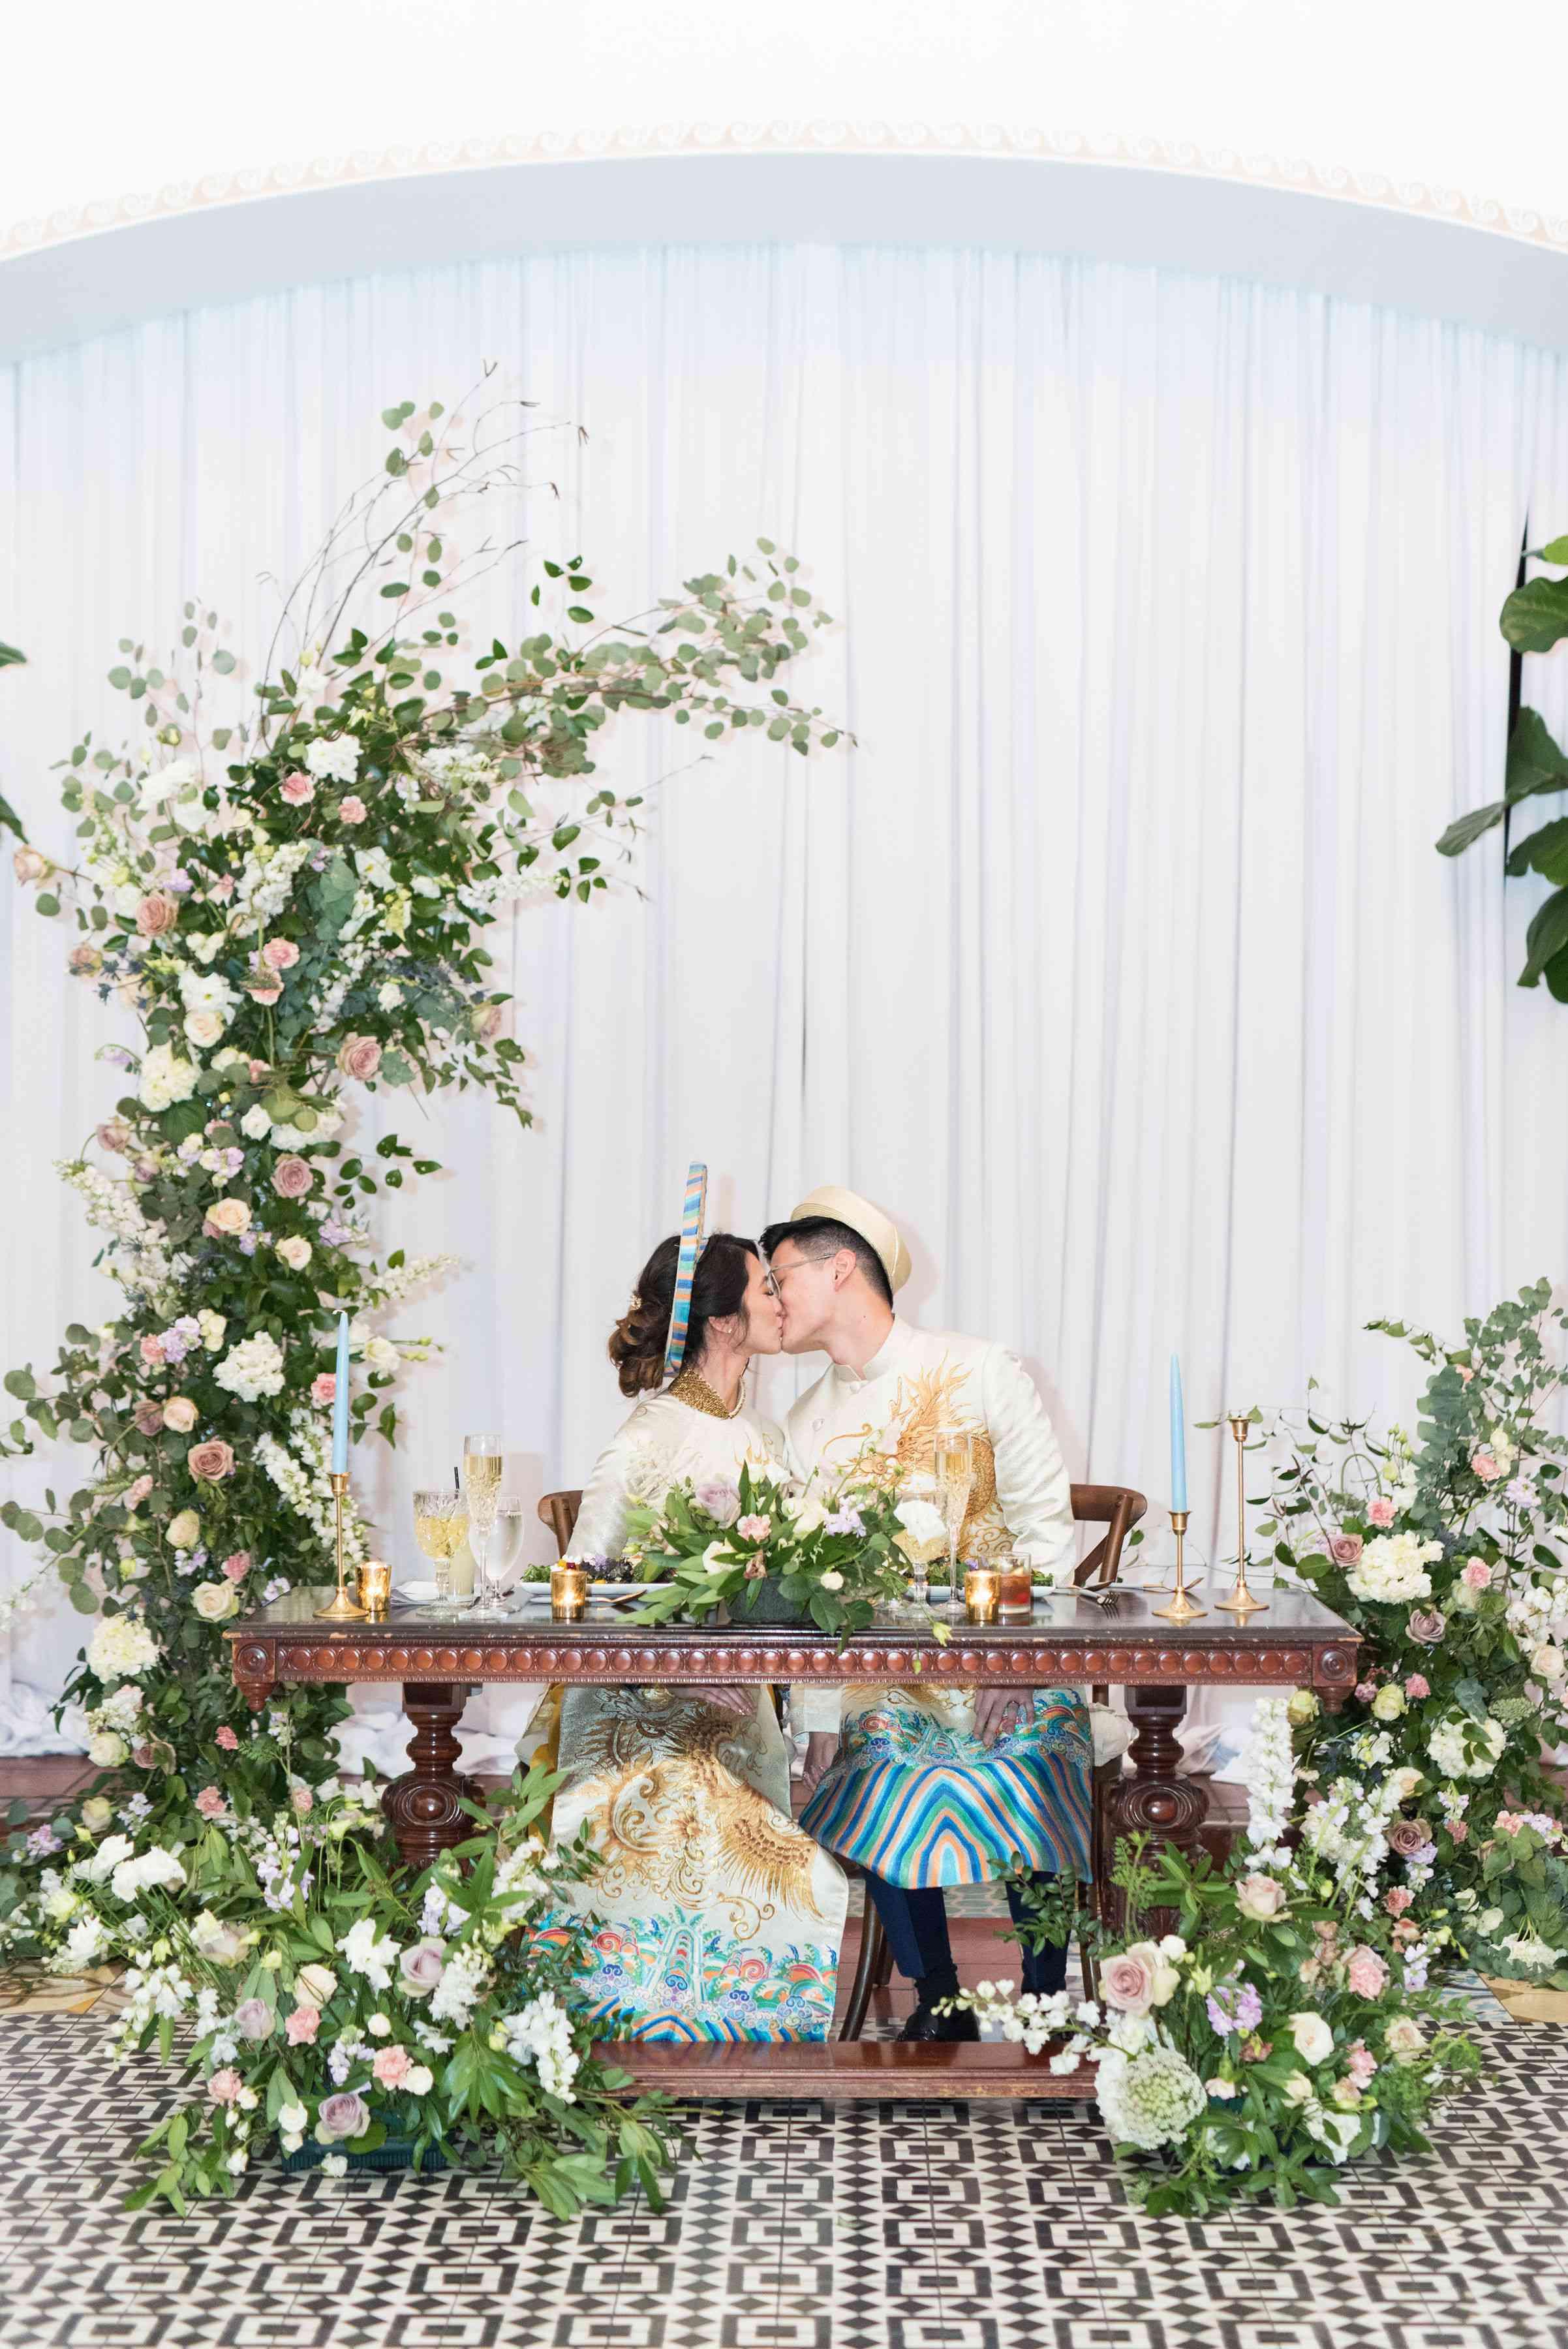 newlyweds kissing at table